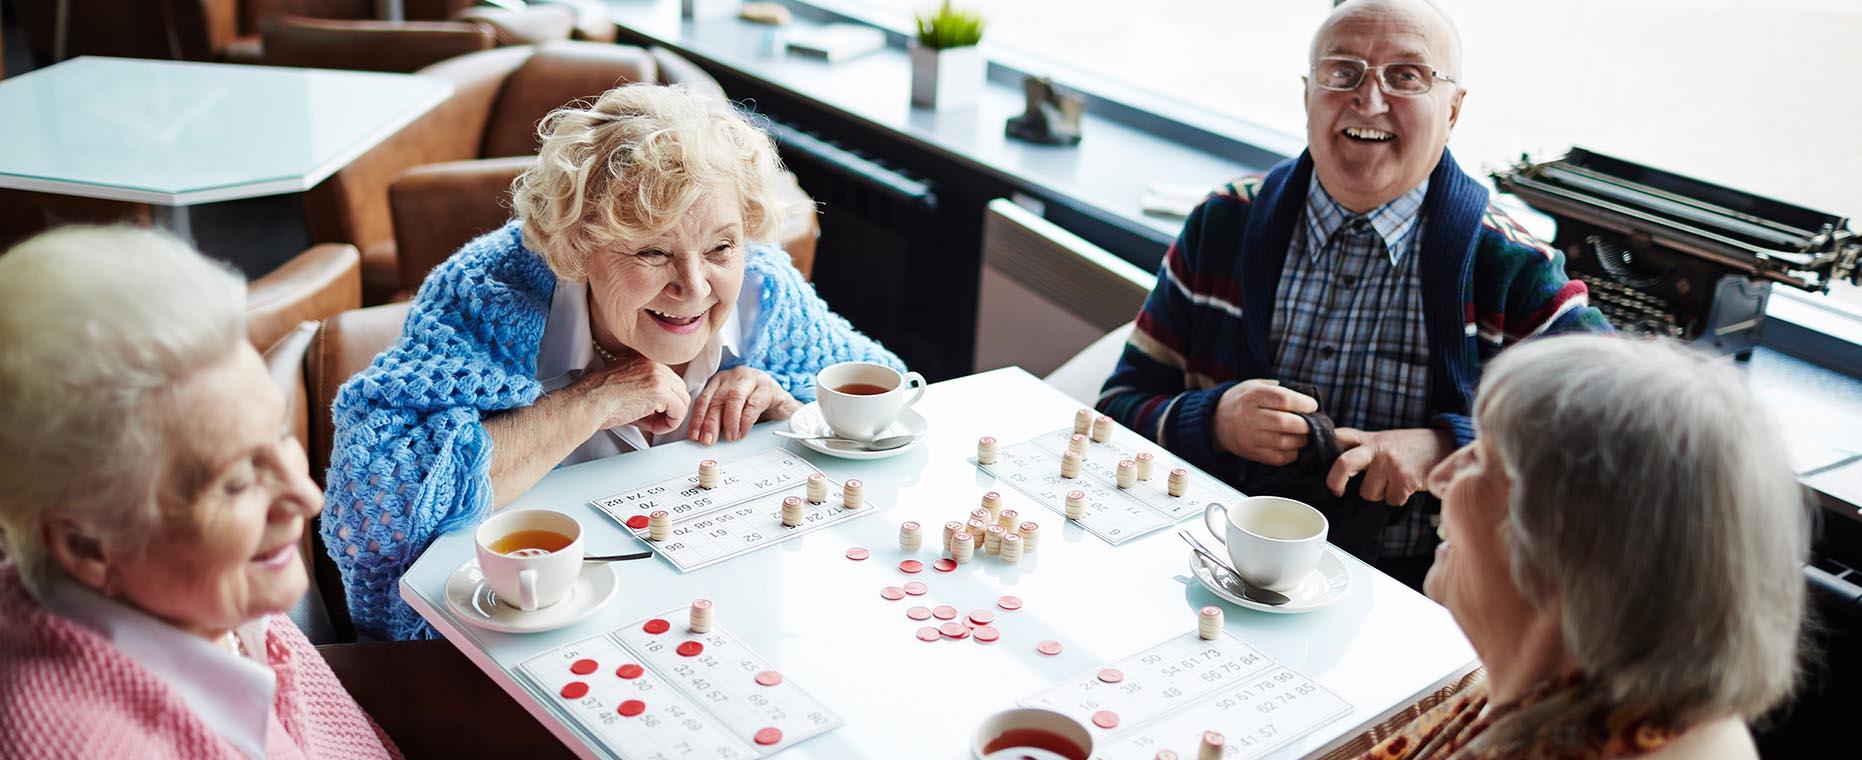 Senelių priežiūra. Rely